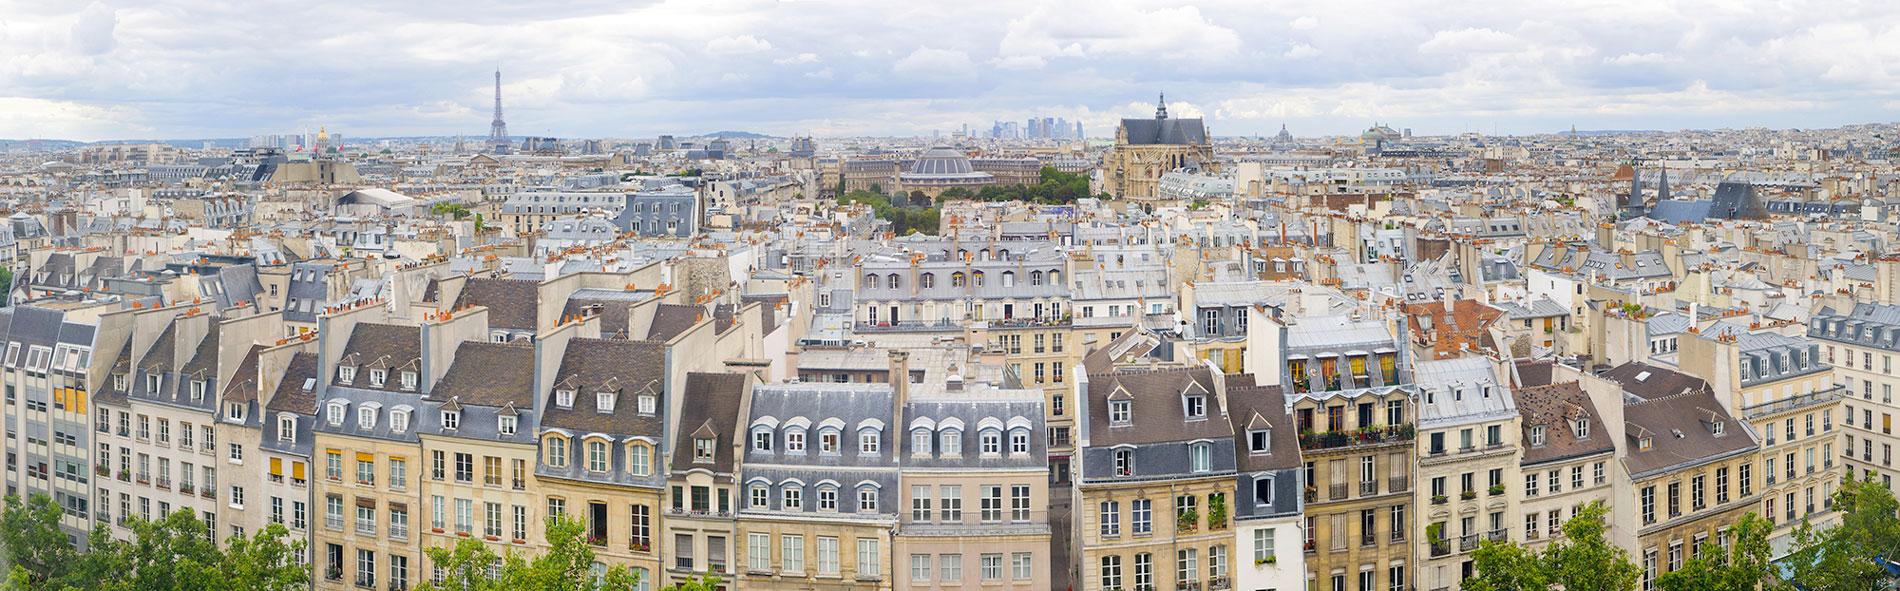 Acopa 3 agences immobili res paris 18eme arrondissement for Agence immobiliere 3eme arrondissement paris